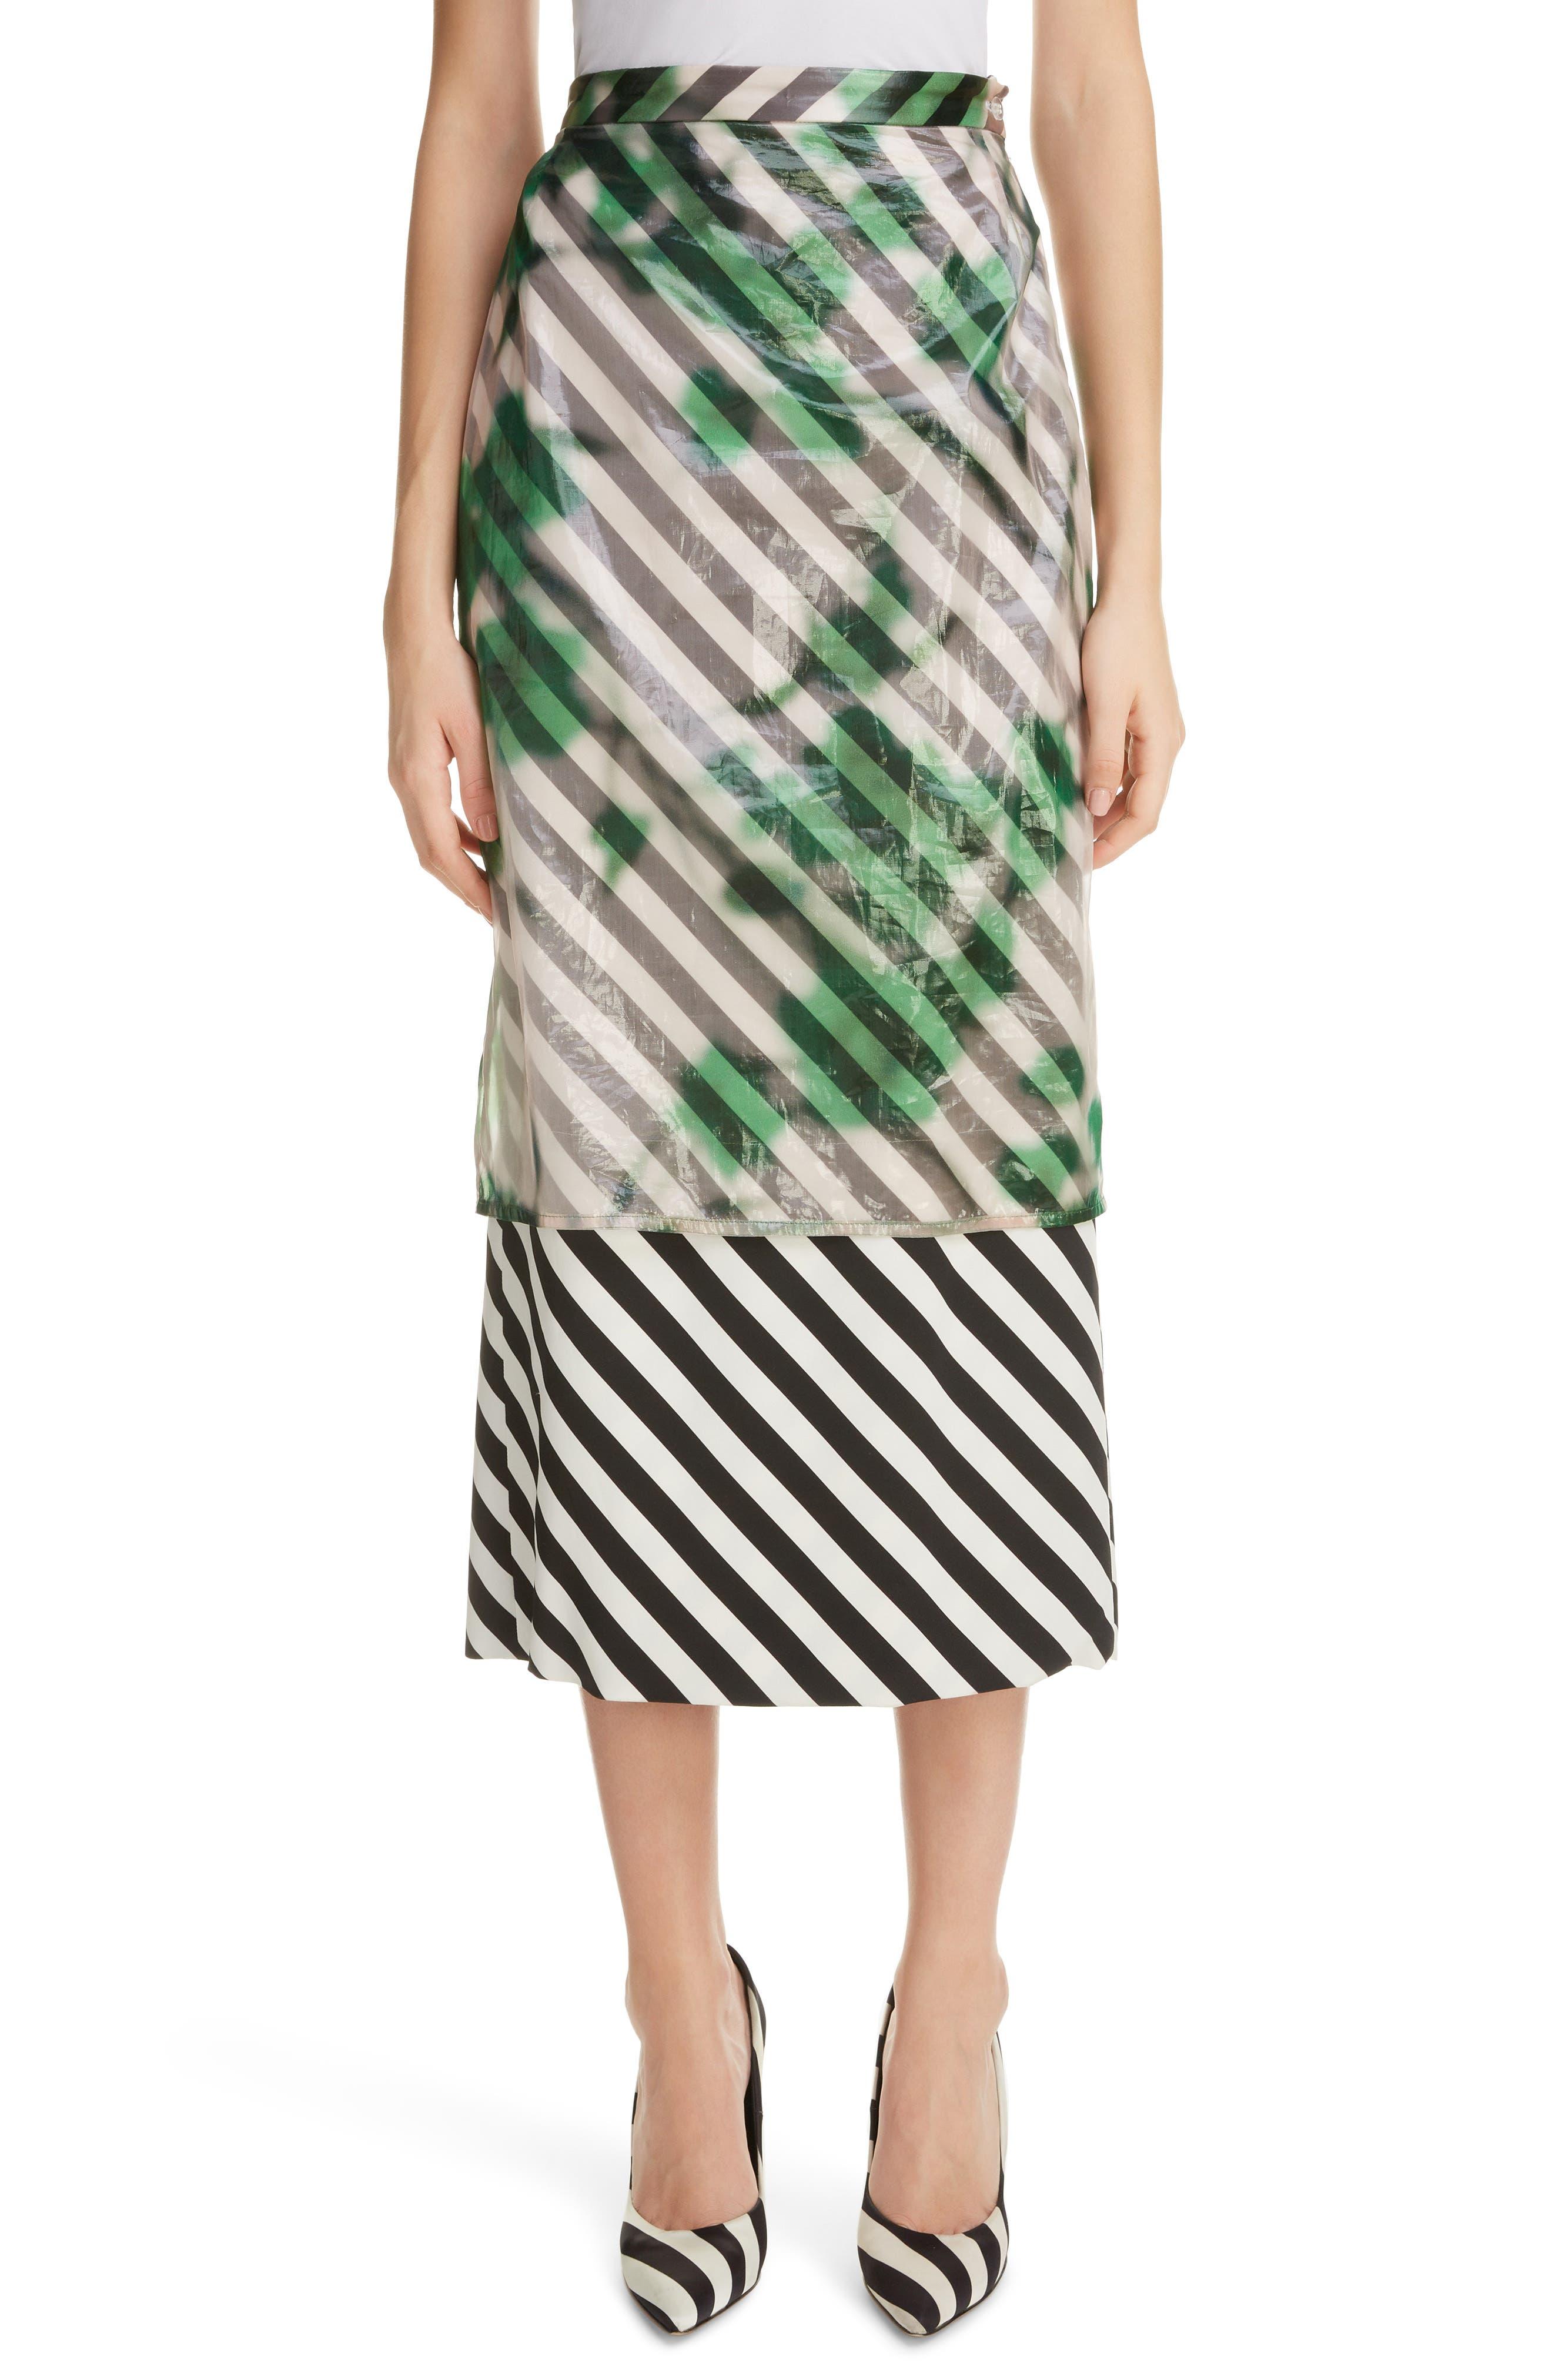 DRIES VAN NOTEN Dires Van Noten Painted Overlay Silk Blend Pencil Skirt, Main, color, 604-GREEN